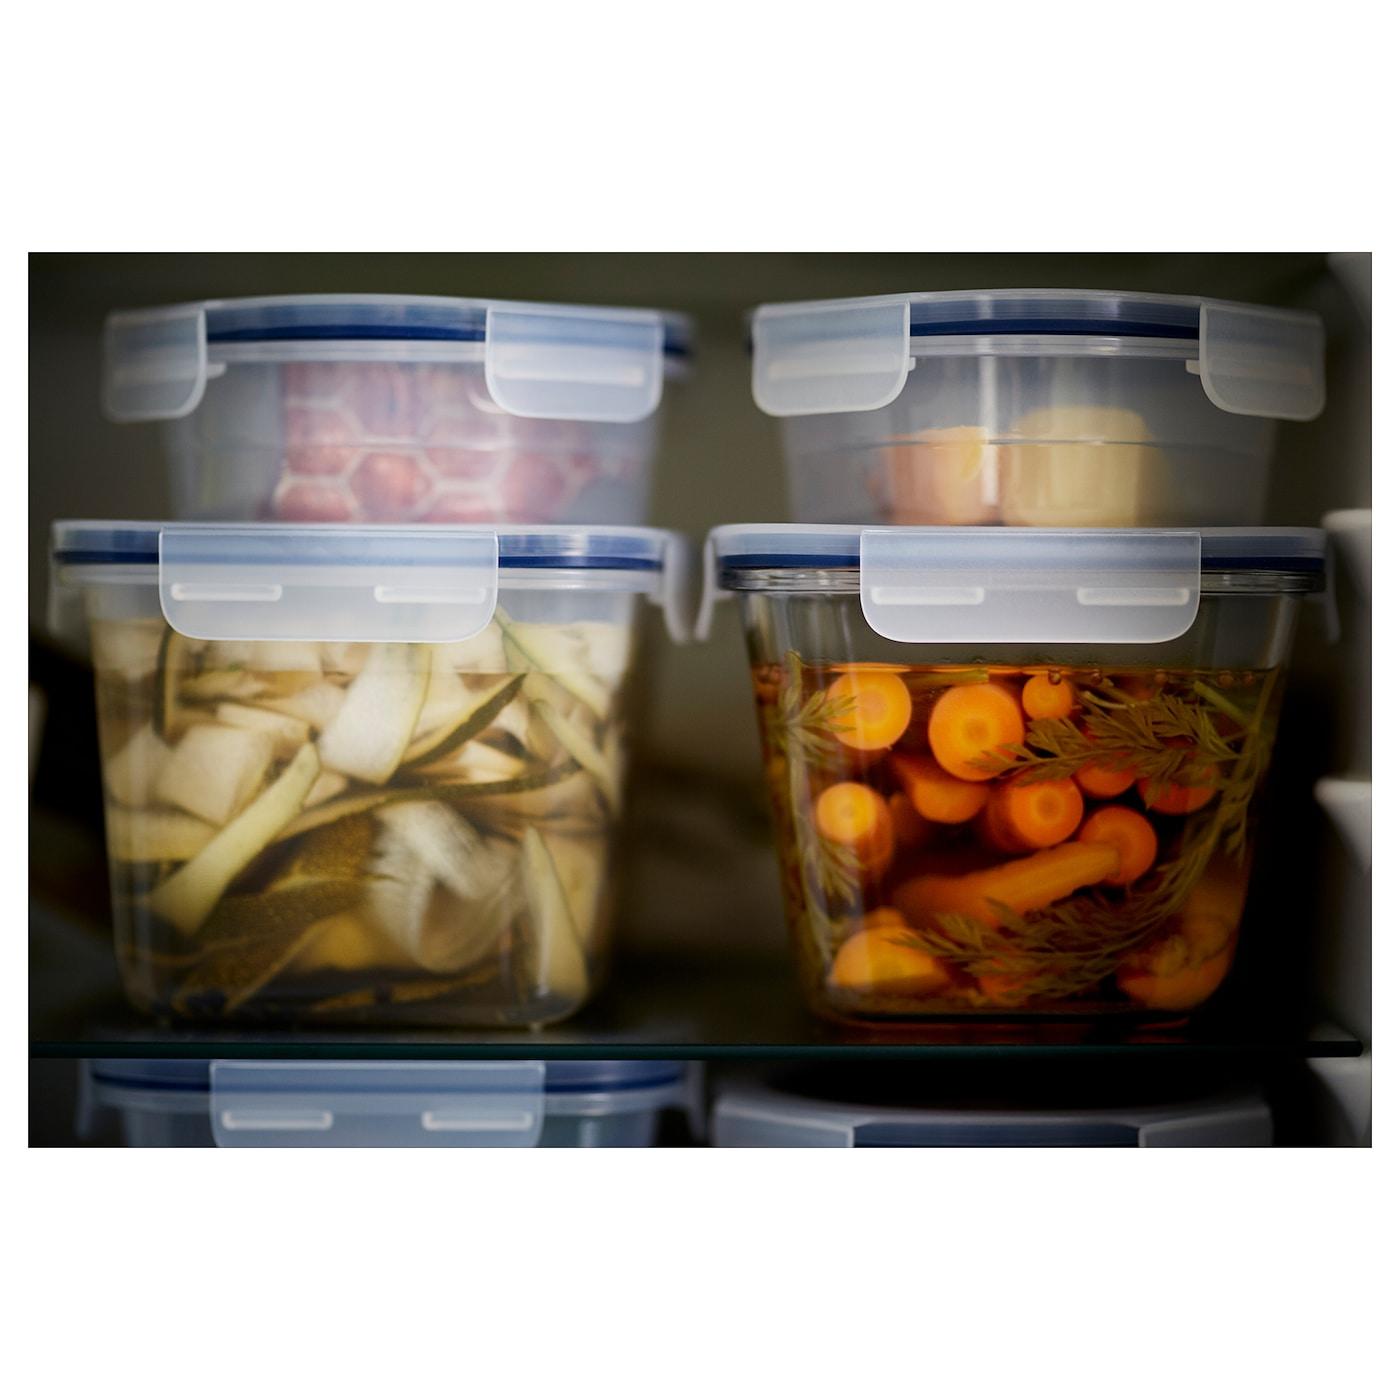 IKEA 365+ Food container, rectangular/plastic, 68 oz